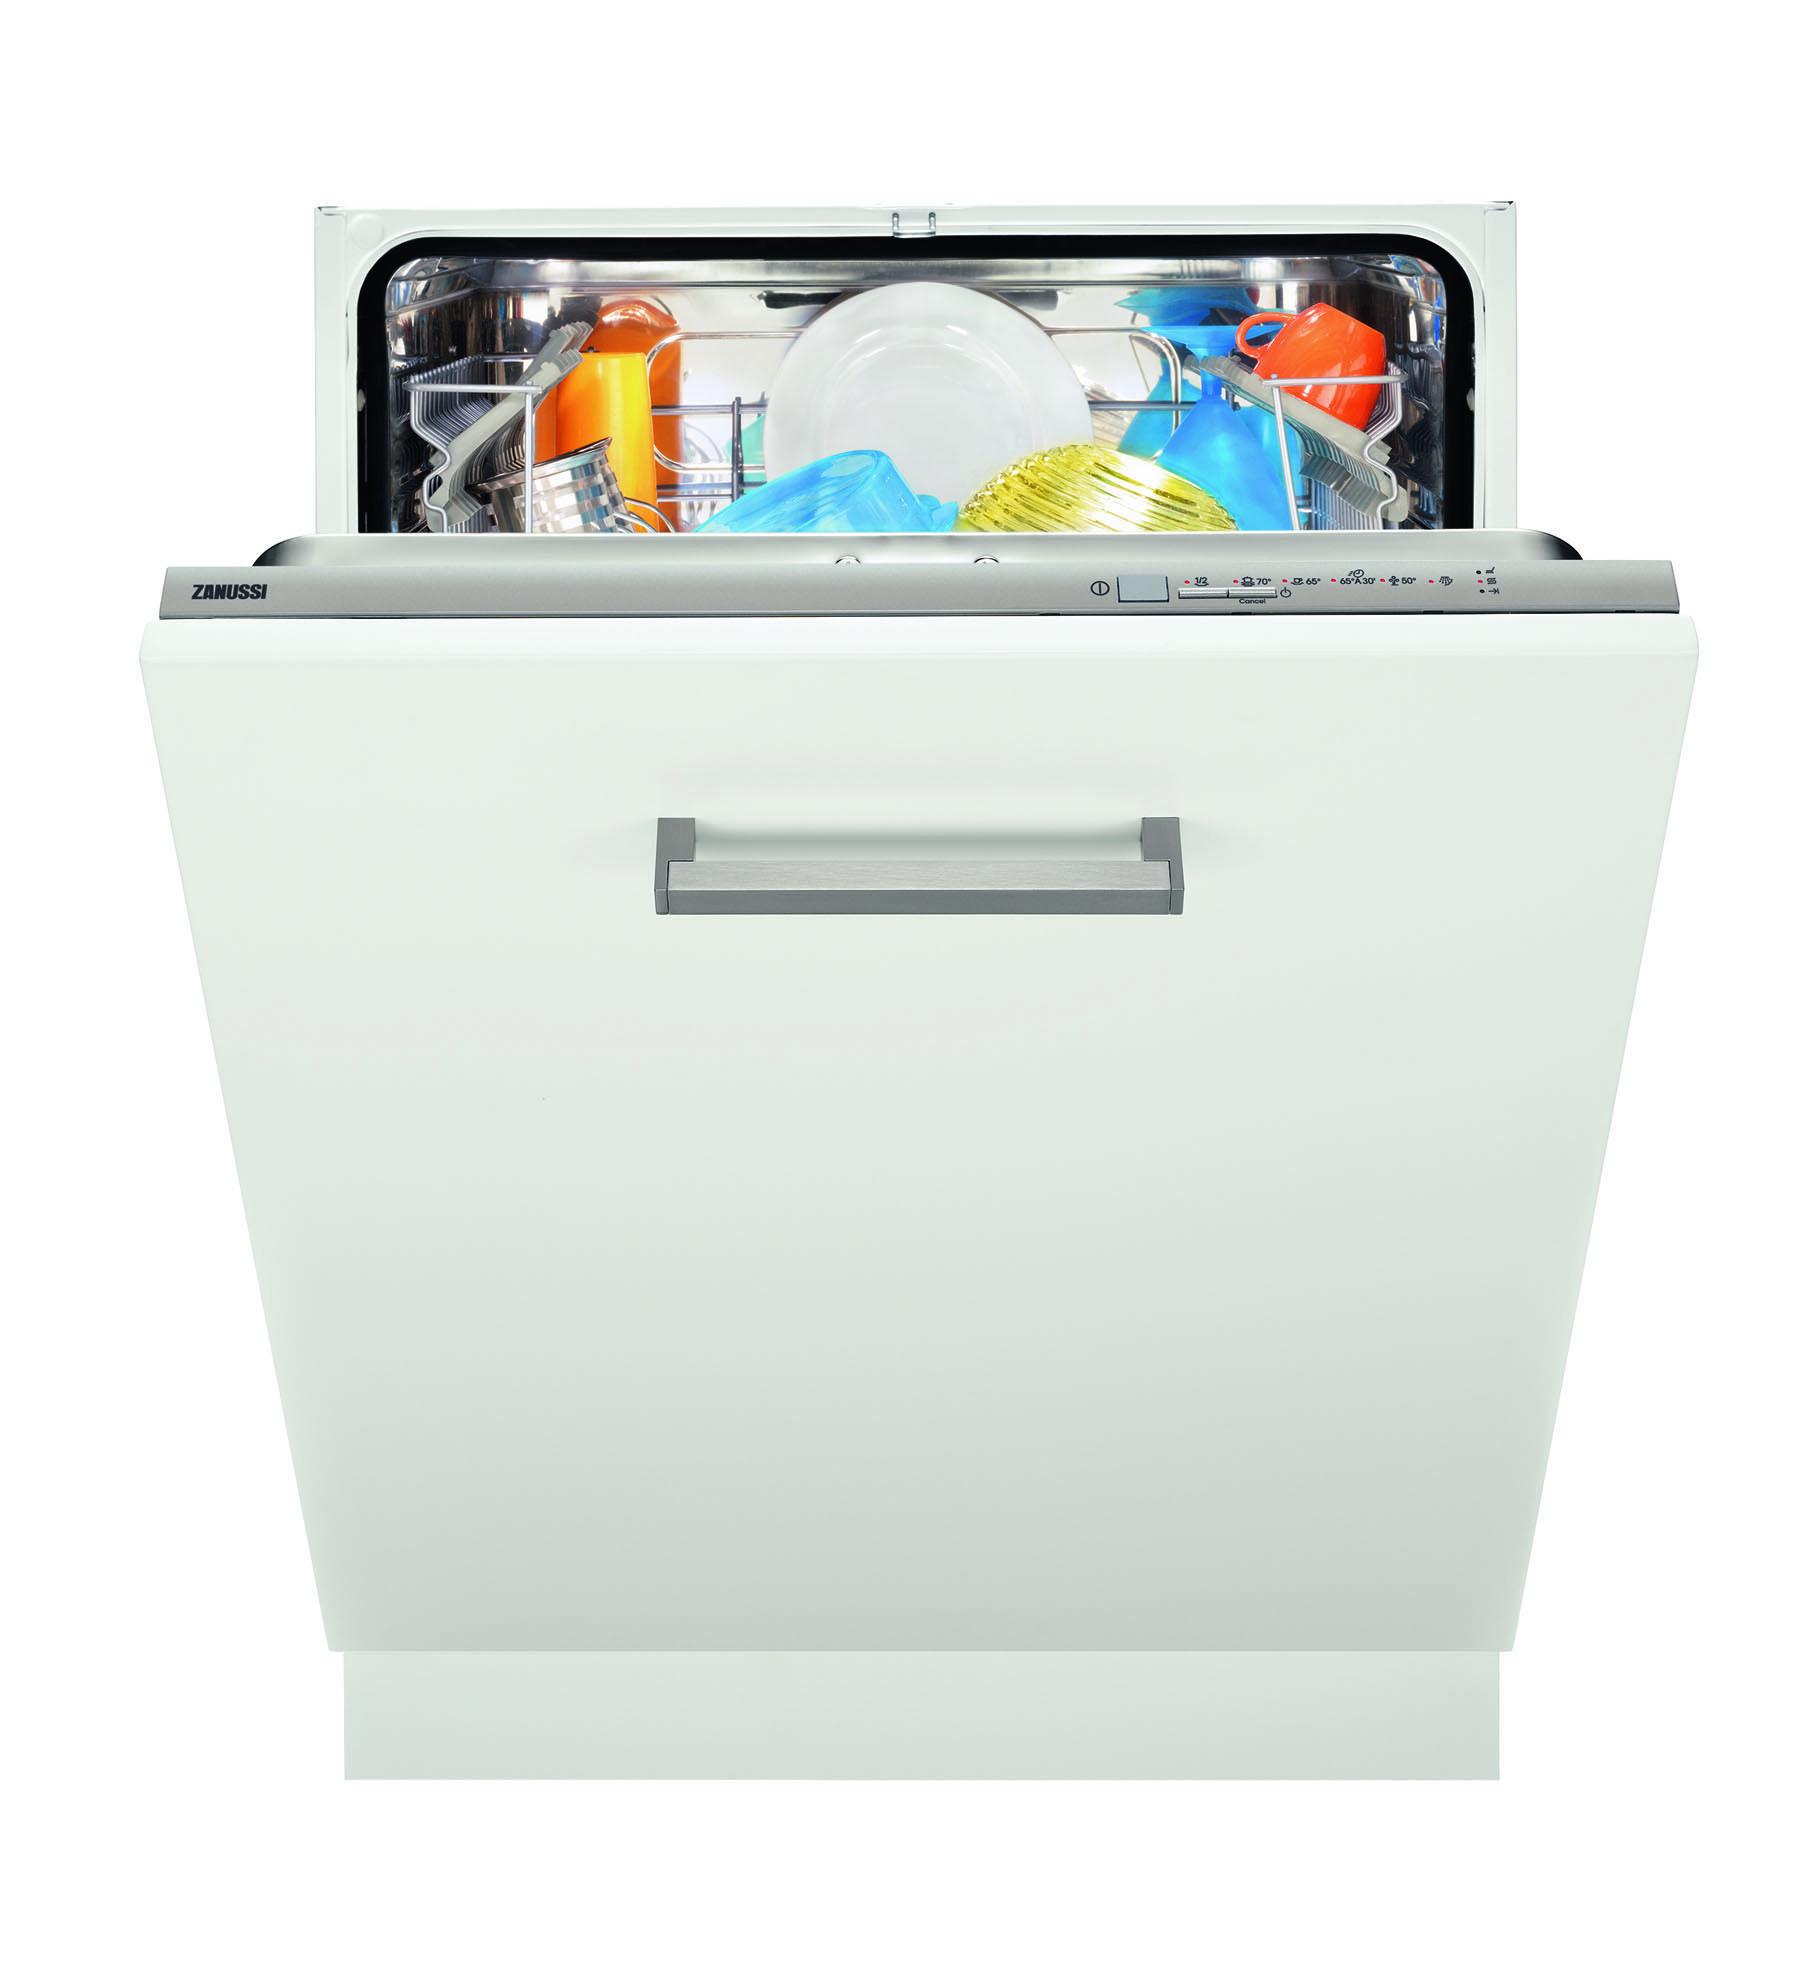 схема подключения раковина фильтр посудомойка